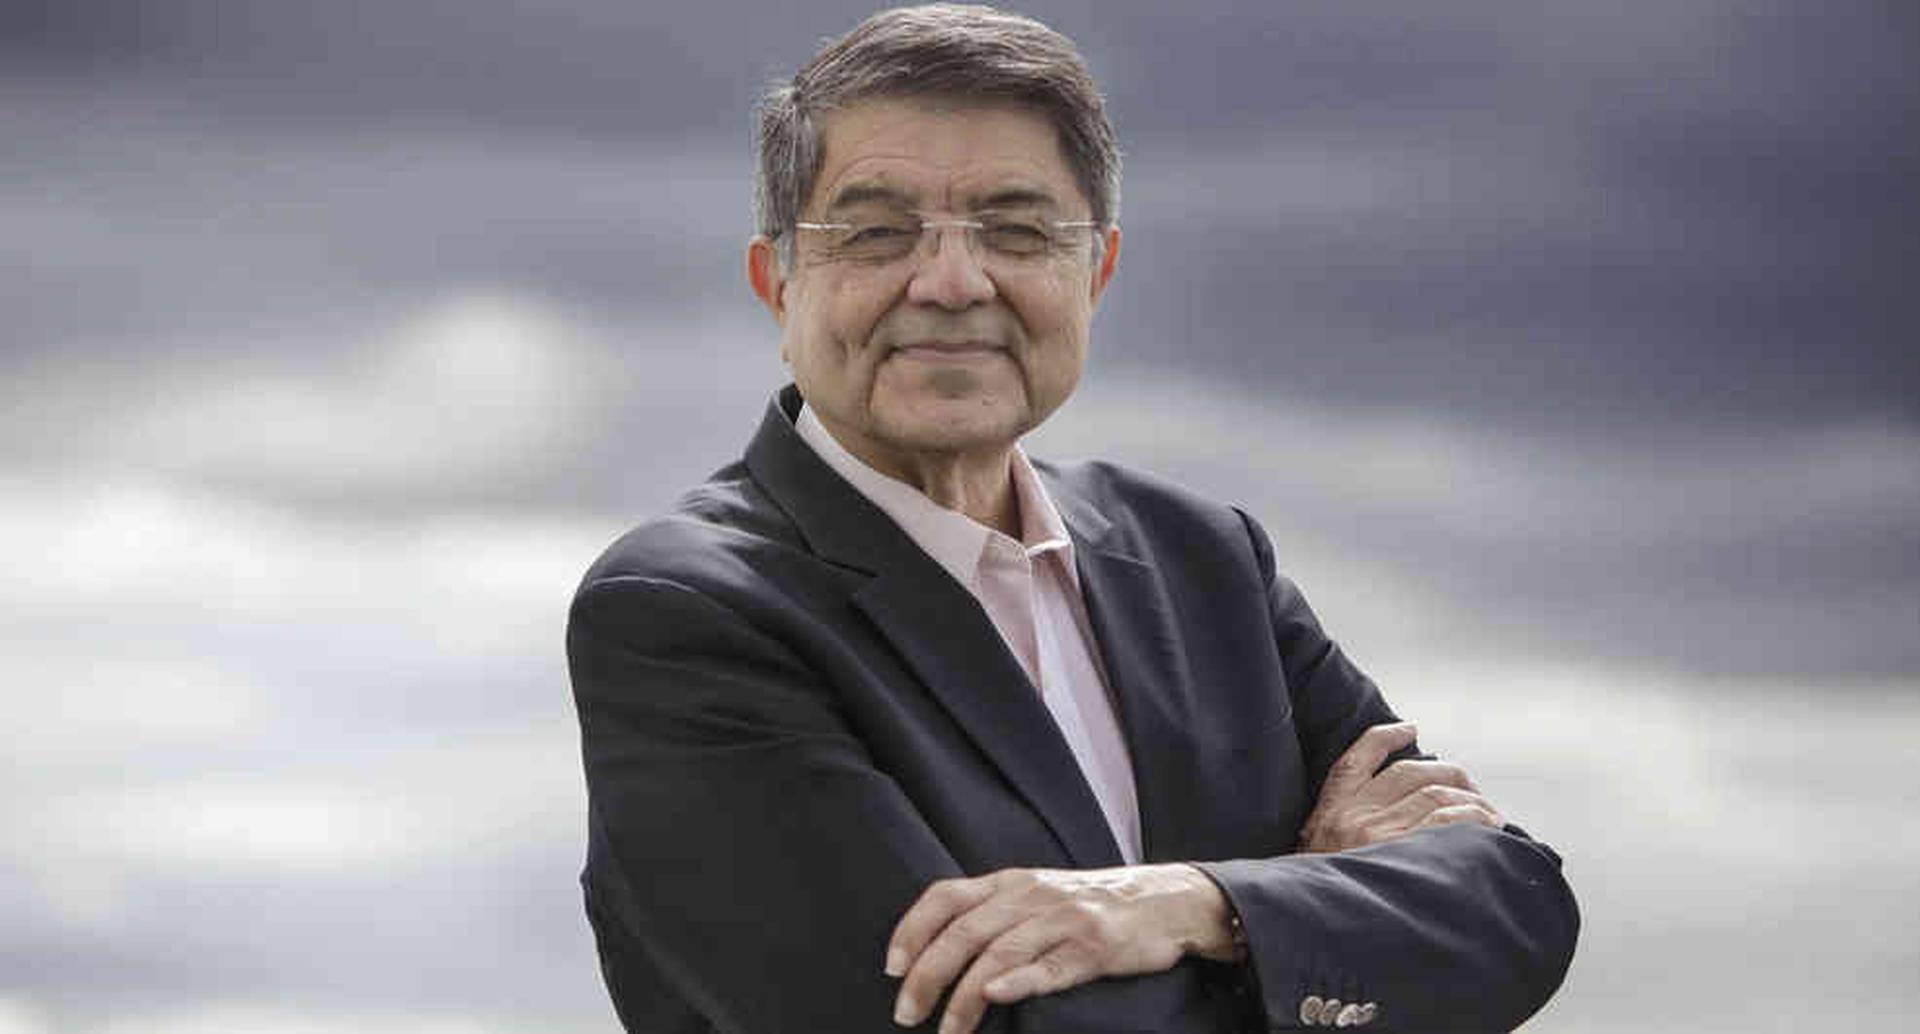 El escritor tiene 76 años y en Colombia, en los años 80, fue adaptada para la televisión su novela 'Castigo divino'.